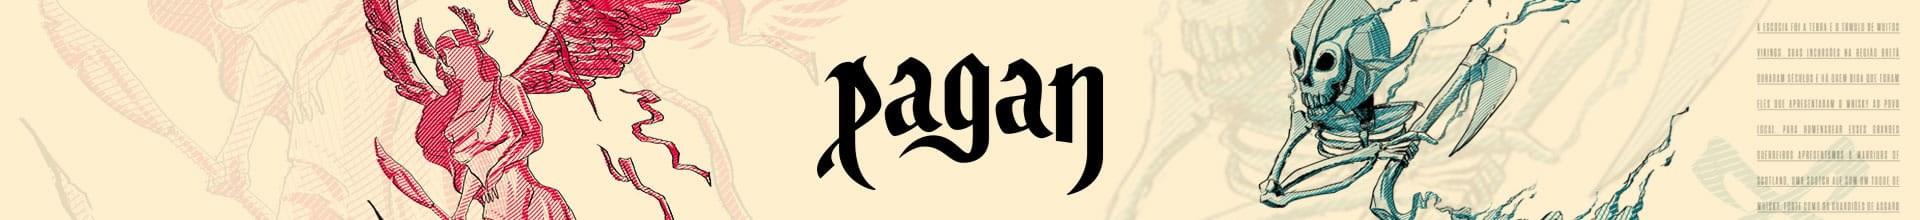 Banner Cervejaria Pagan